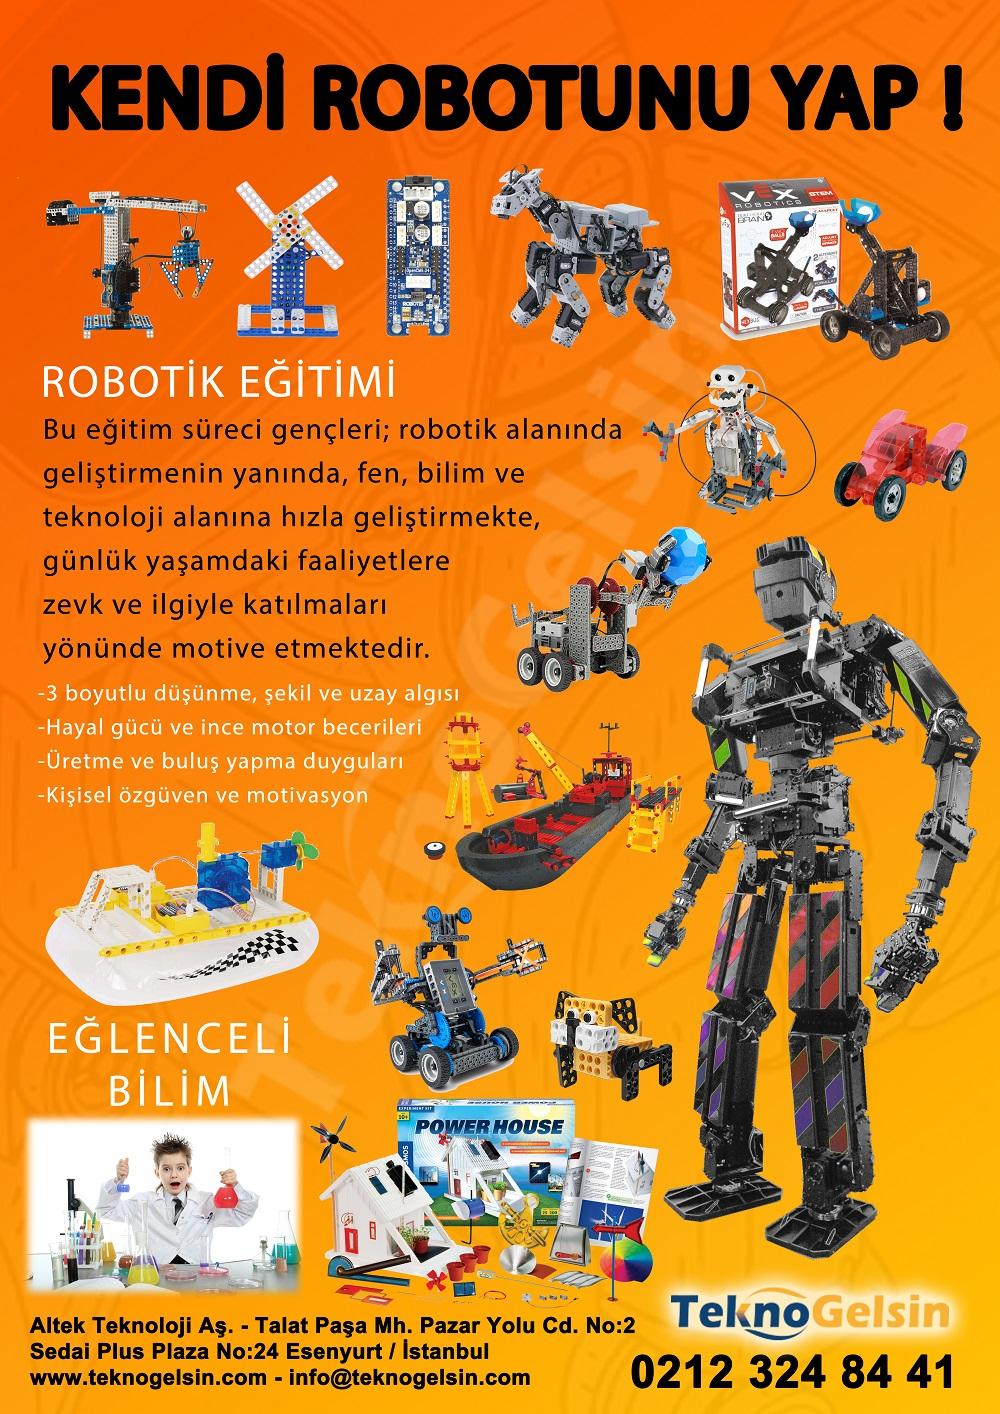 Altek Teknoloji Aş. (technology) - Robotik Otomasyon & Yazılım Çözümleri